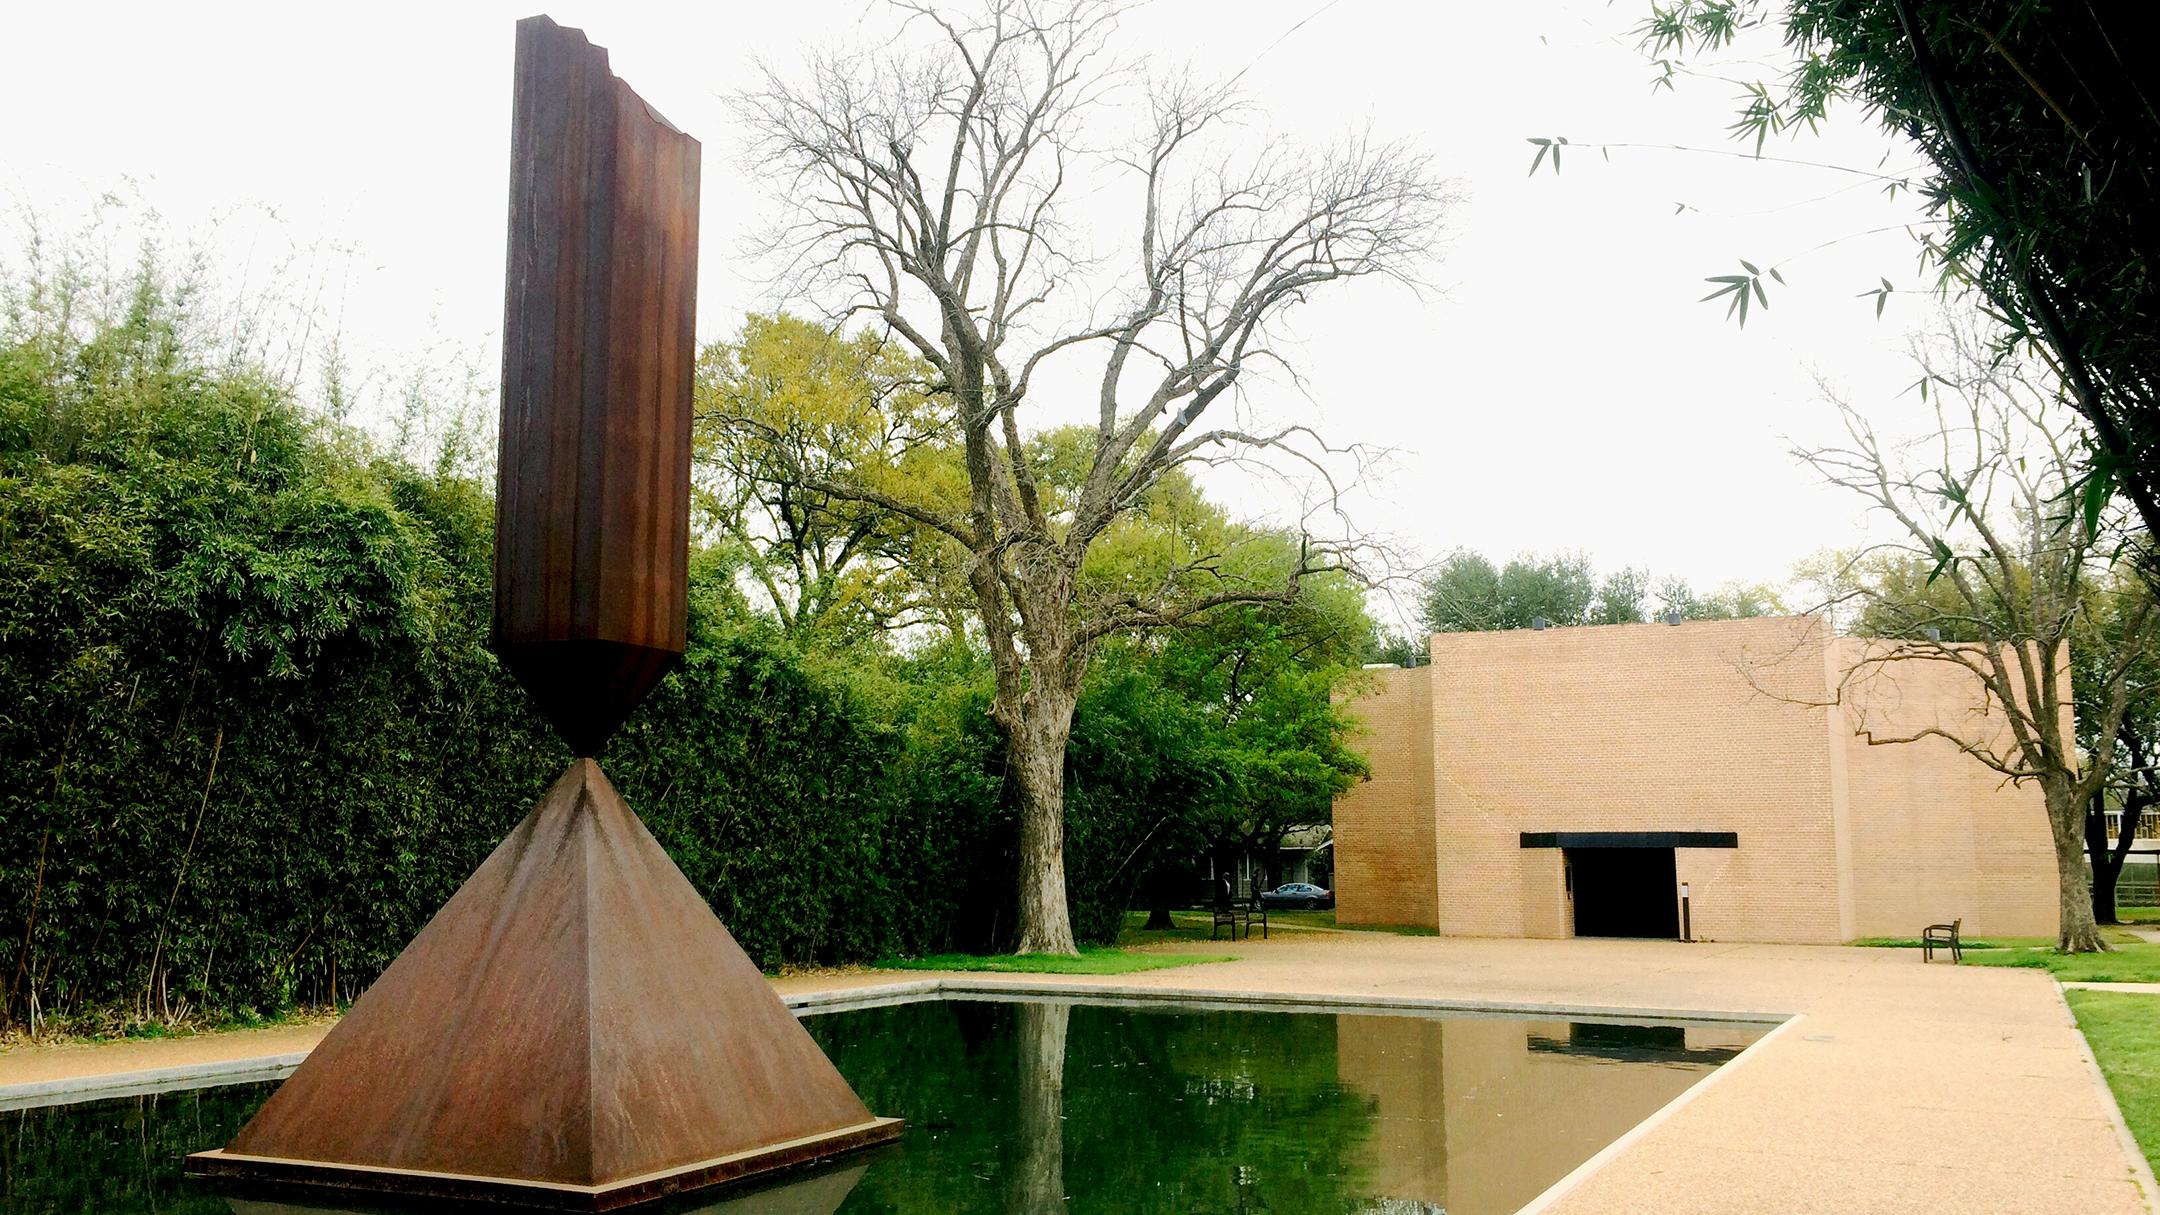 Rothko Chapel / Houston, TX / USA